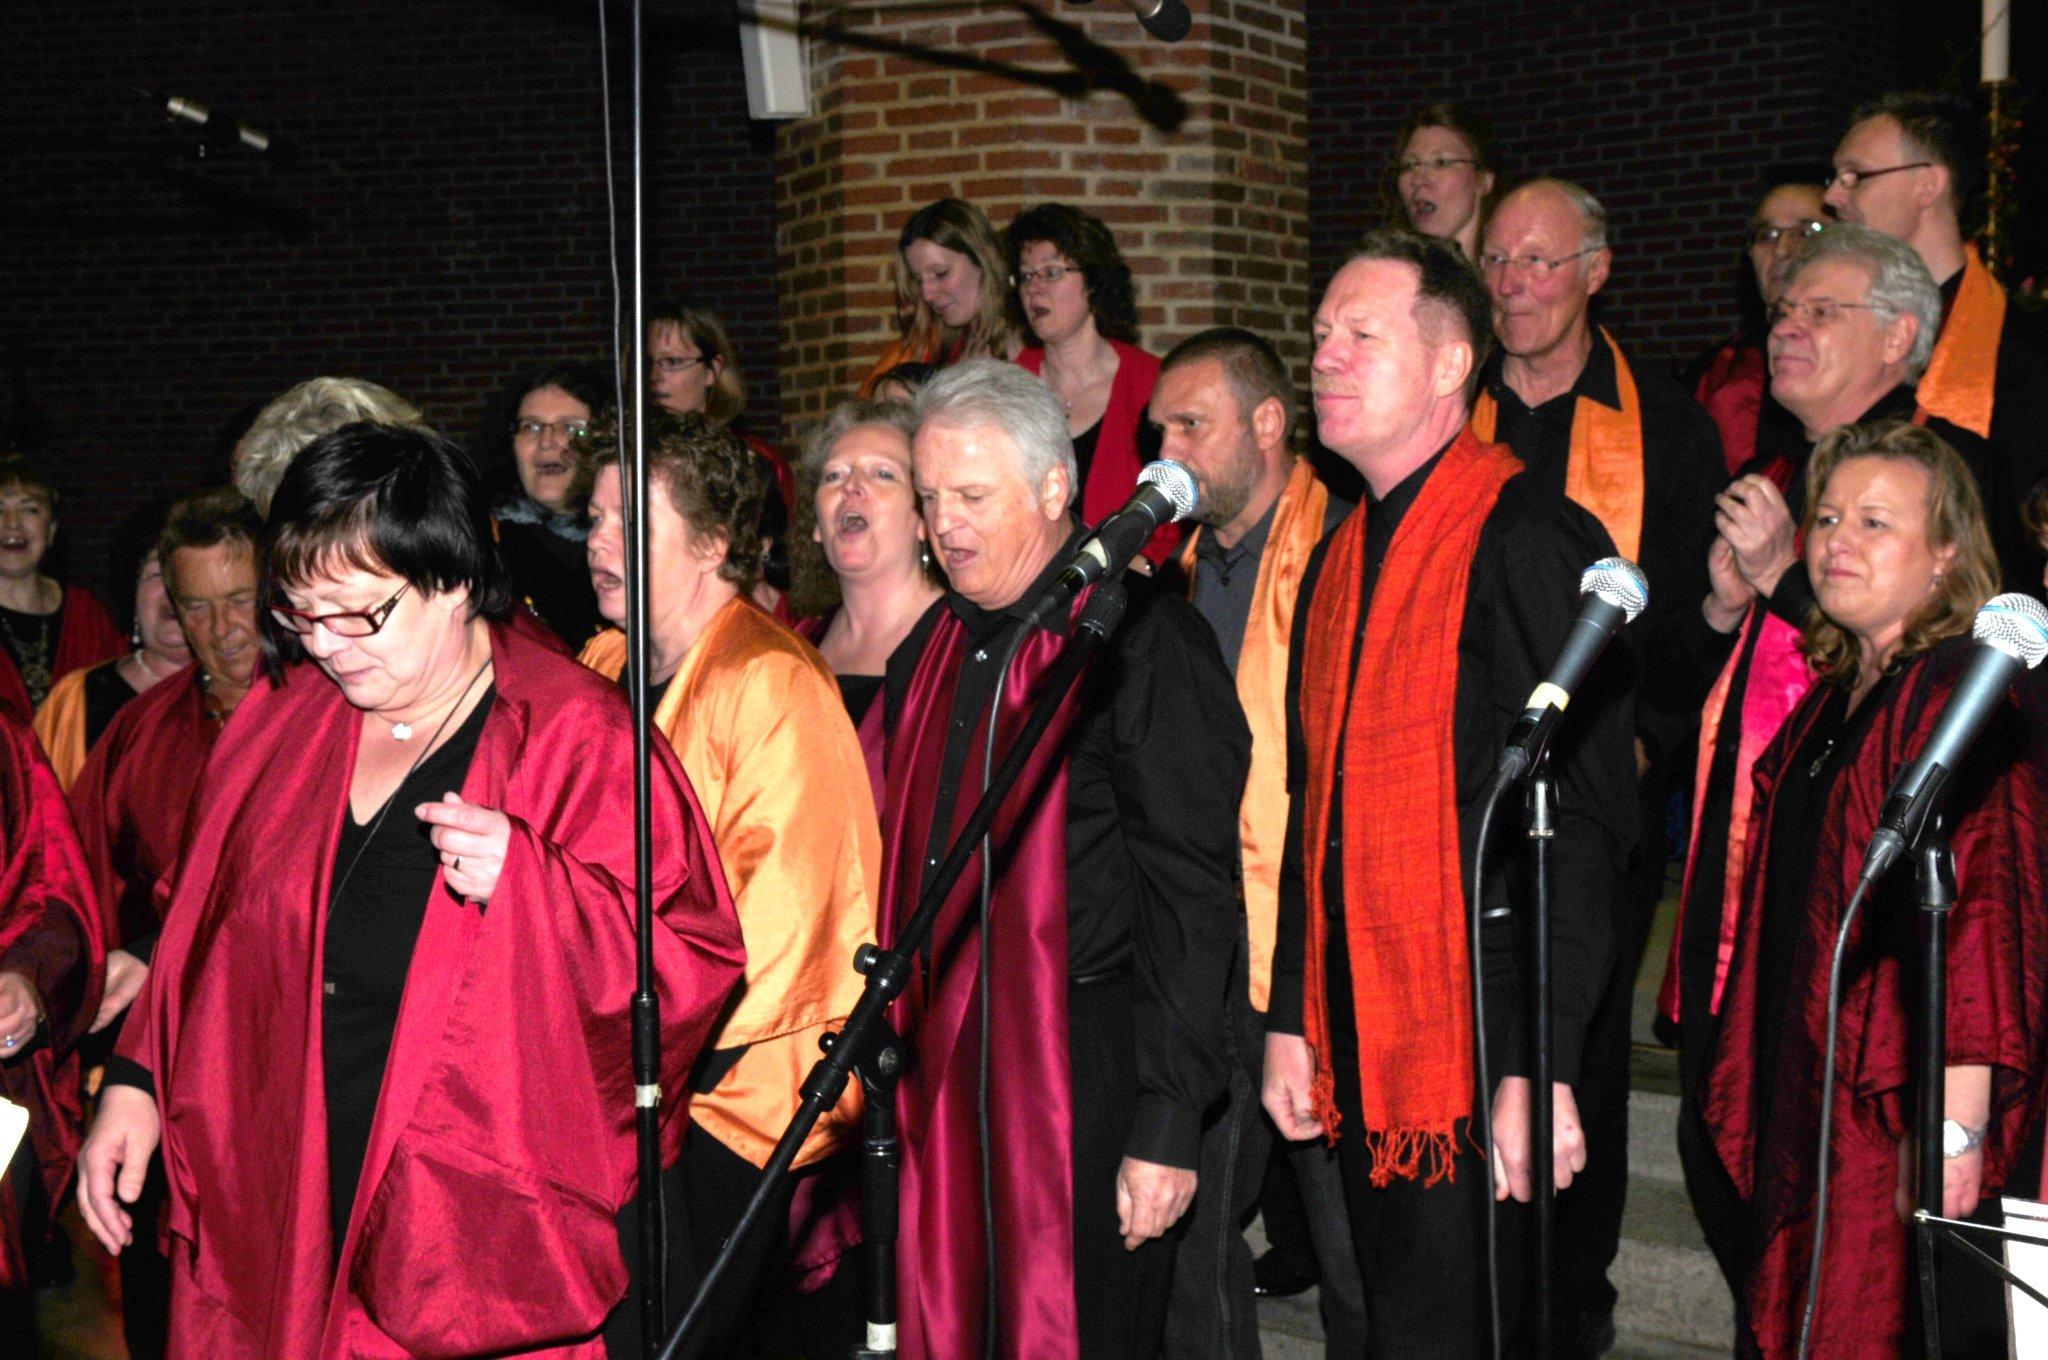 20120422 Reformations Gedaechtniskirche 72